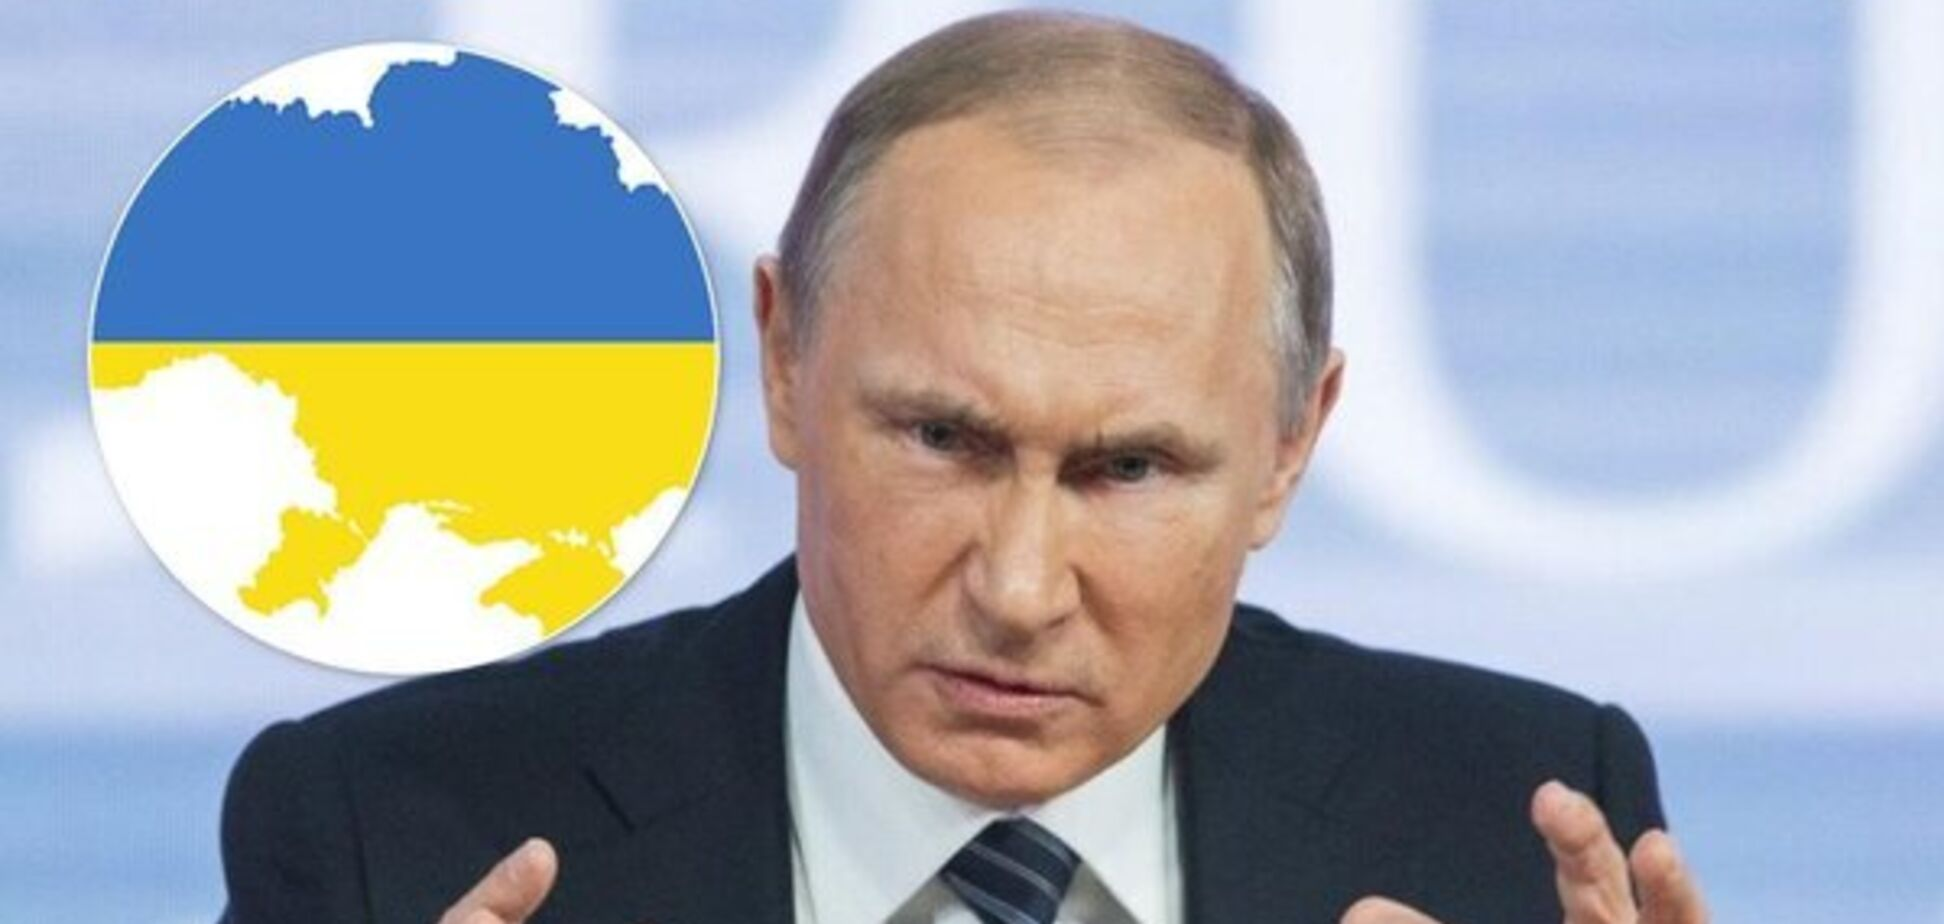 'Путін дуже поспішає, у 2020-му він хоче вирішити проблему України' – політолог Соловей